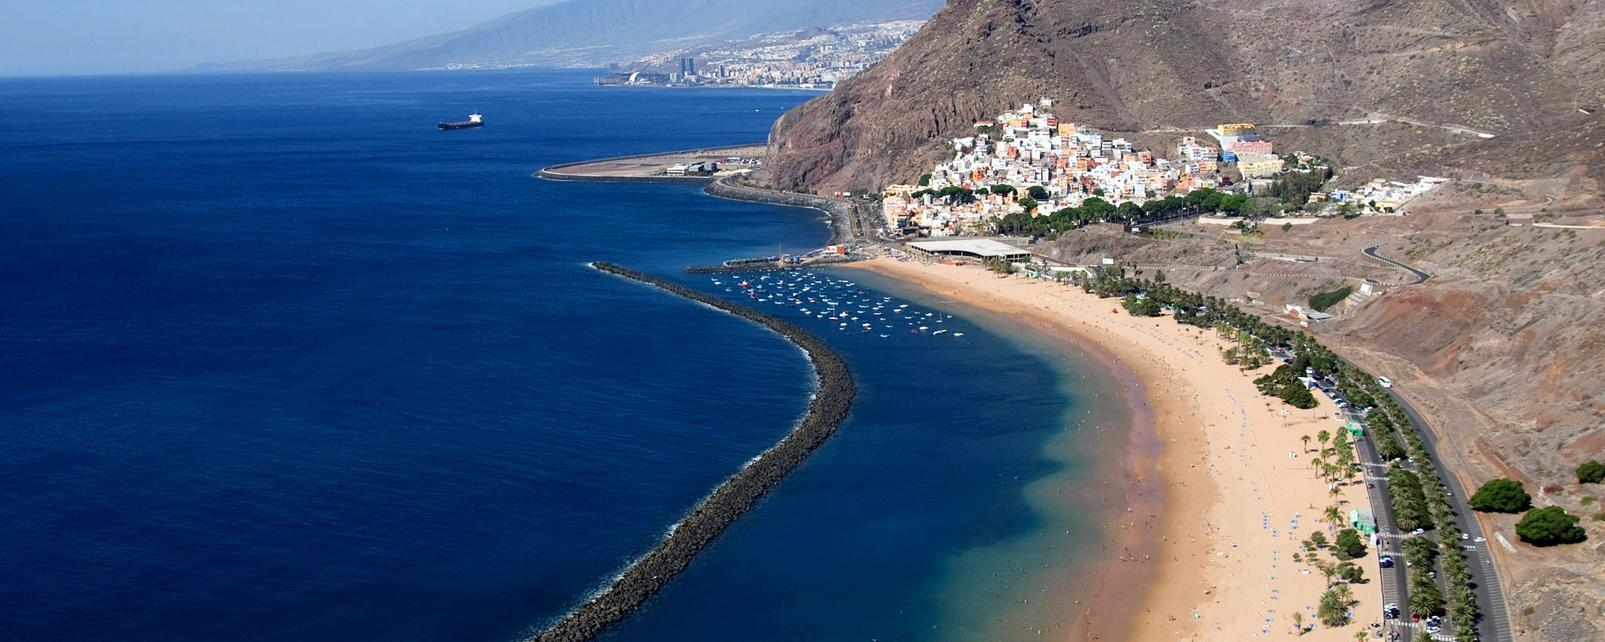 Croisière aux îles Canaries